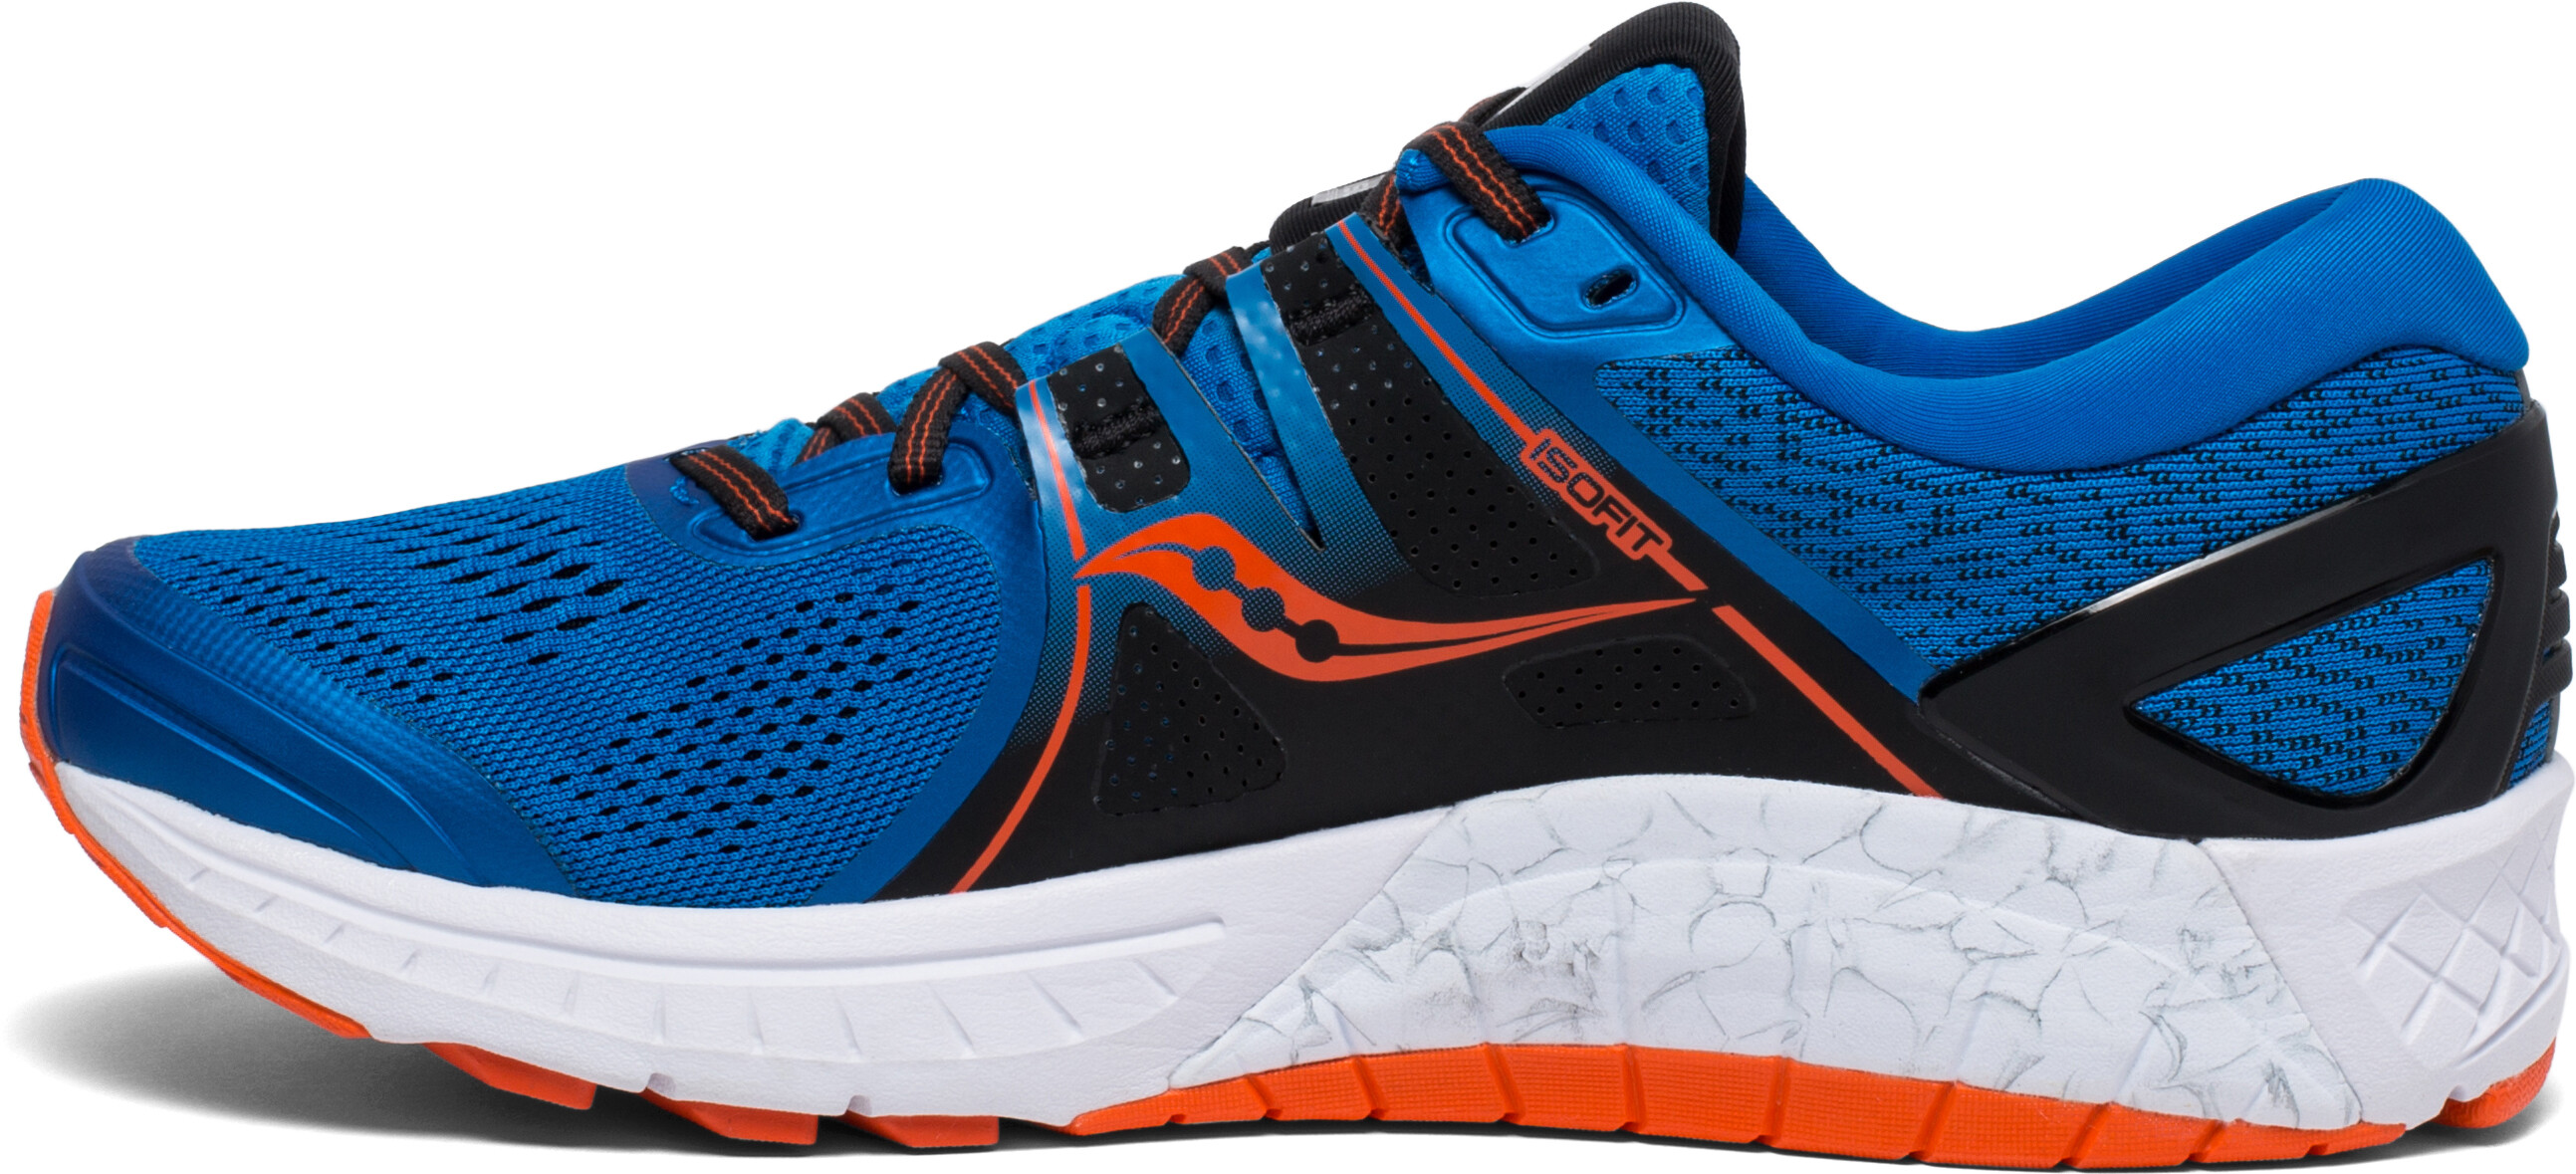 saucony Omni ISO scarpe da corsa Uomo arancione blu su Bikester 7bf3d99da68